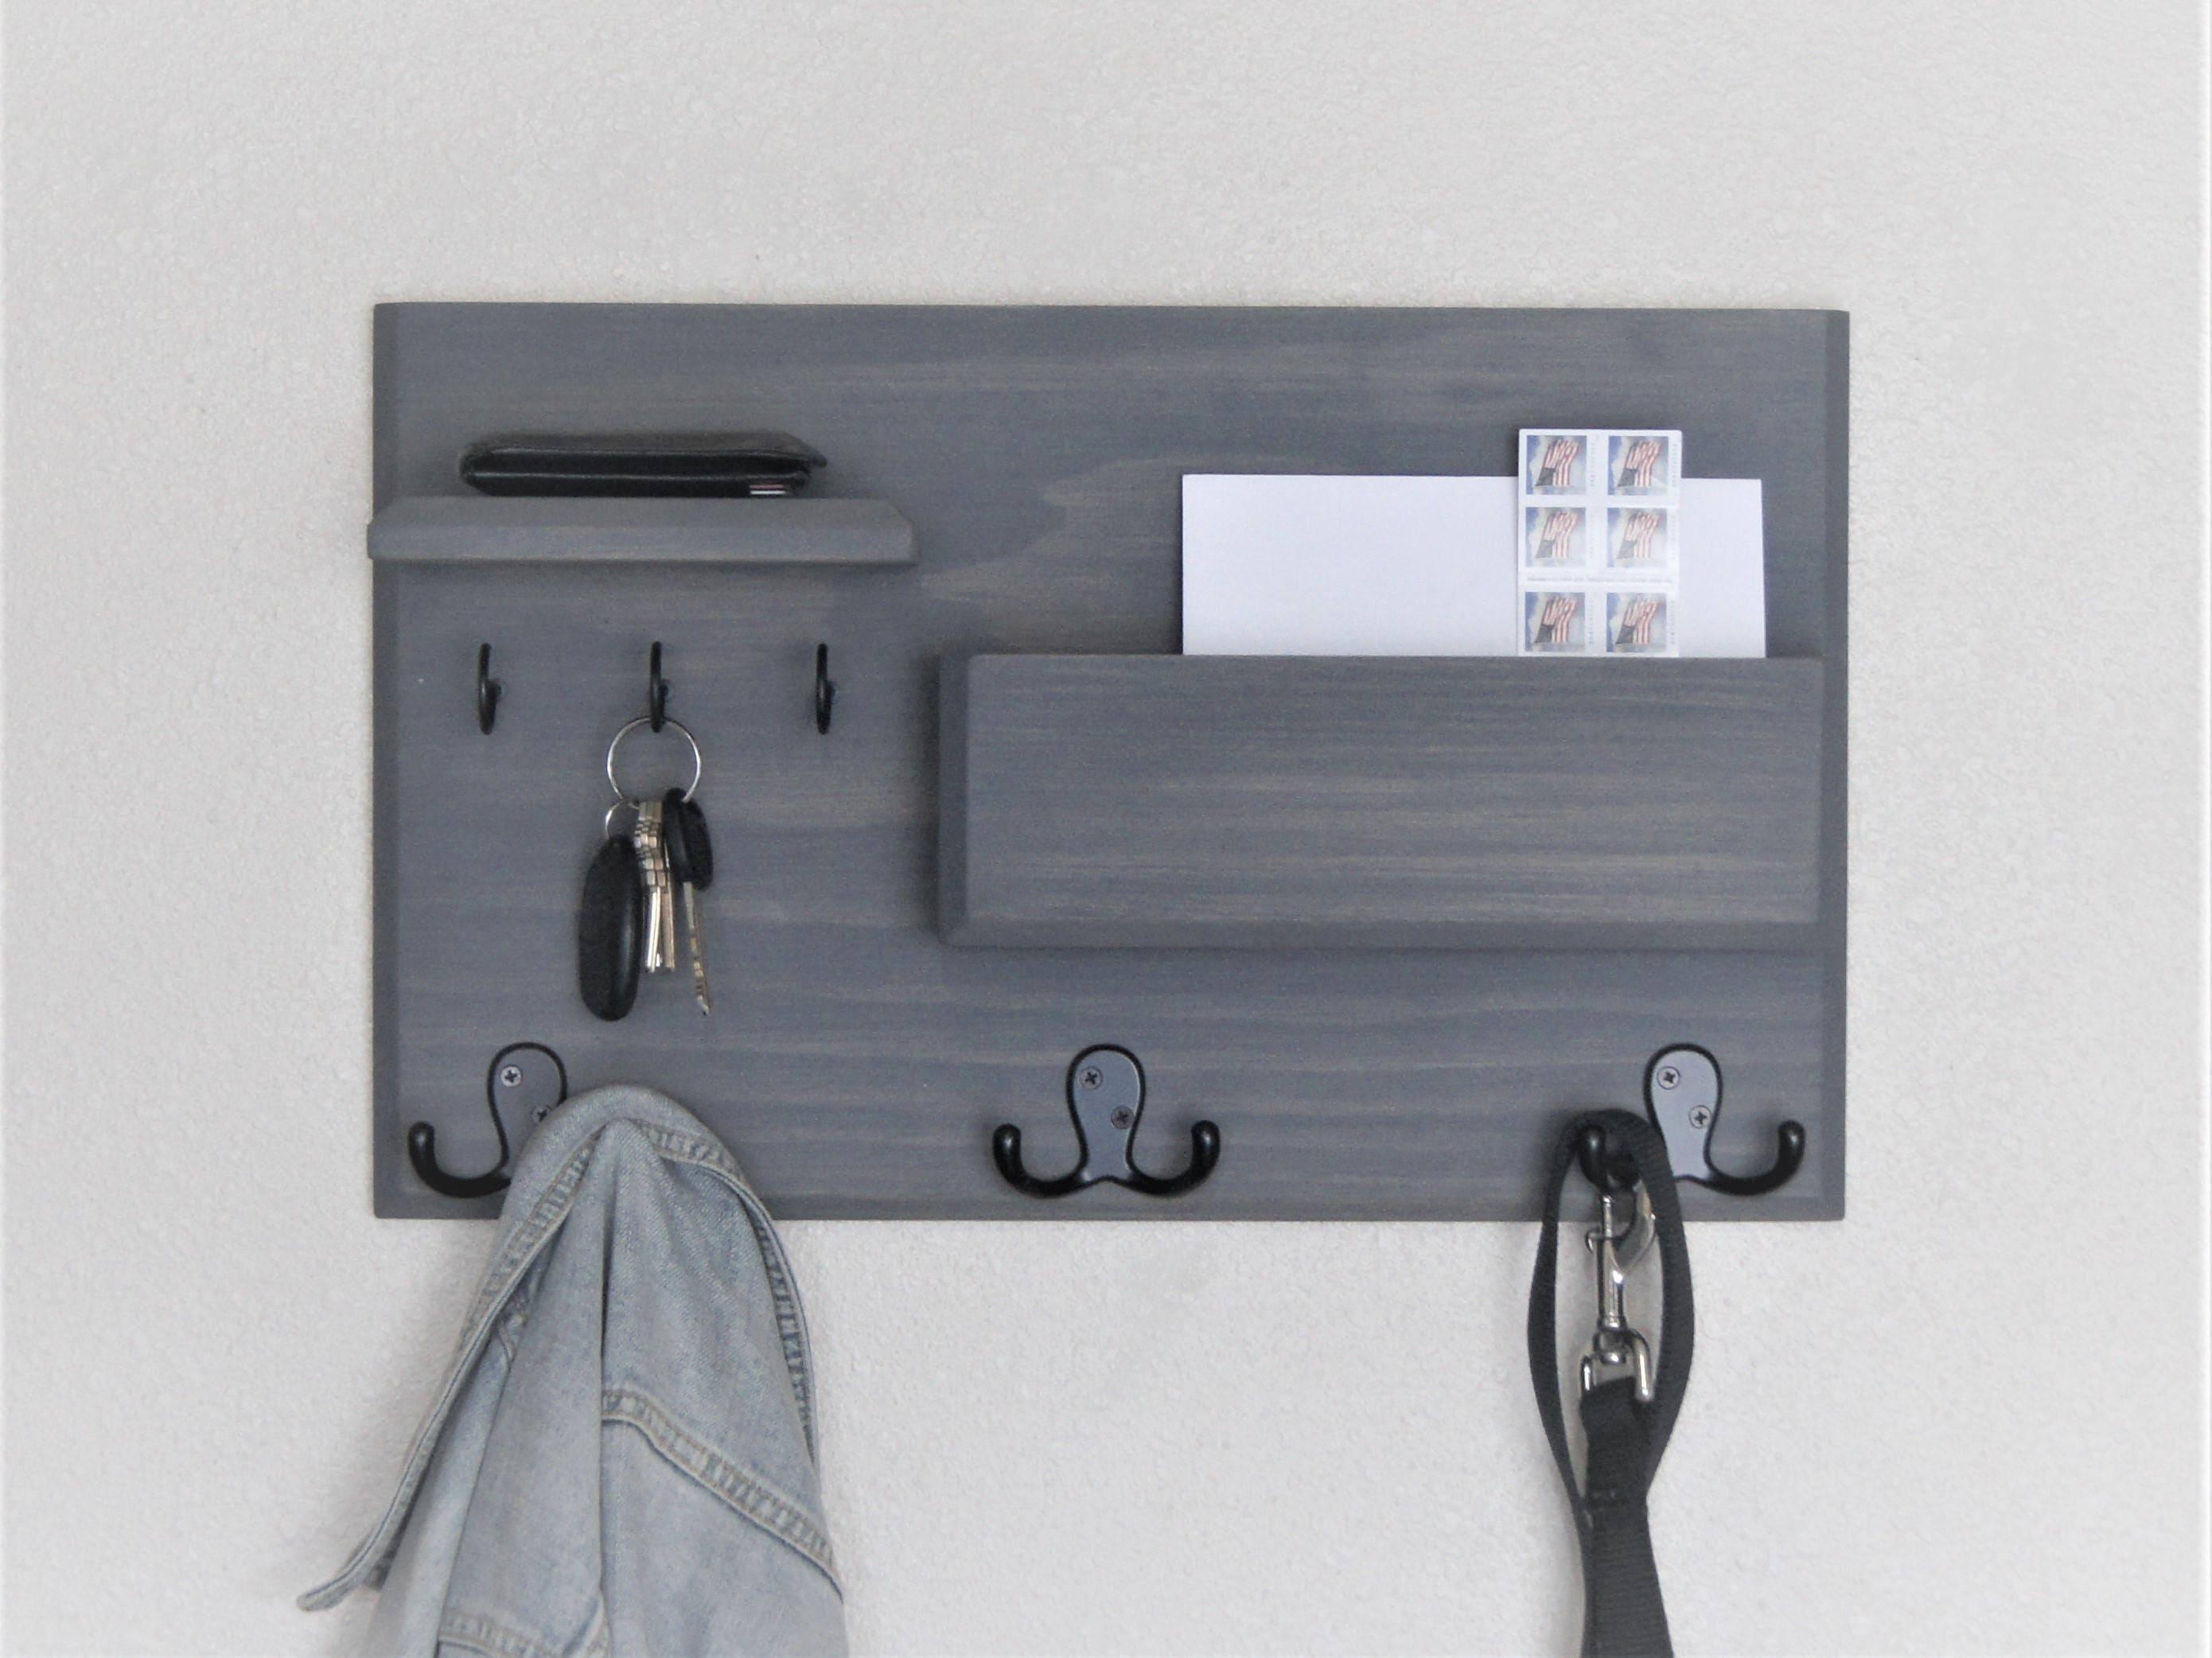 Coat Rack Mail Storage Key Hooks Floating Shelf Wall Mounted